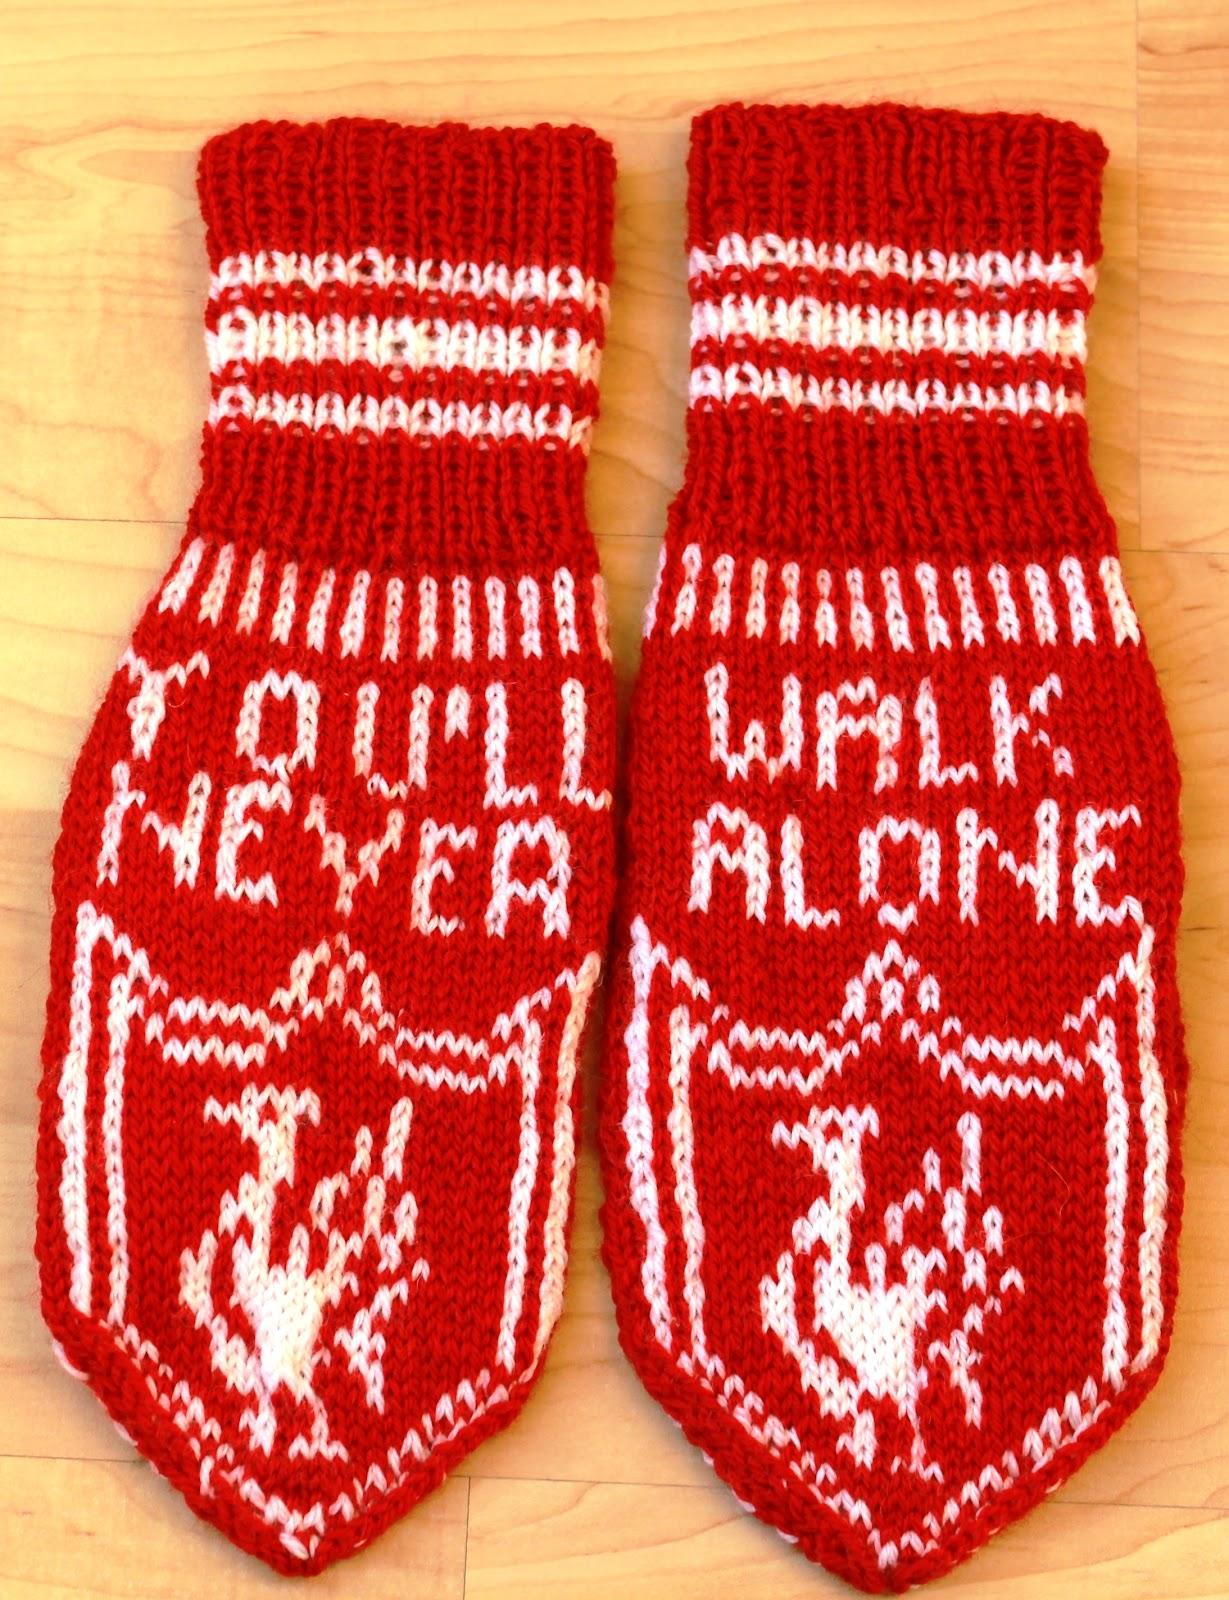 Liverpool Knitting Patterns : Ingridstua: Votter til fotballsupportere i familien